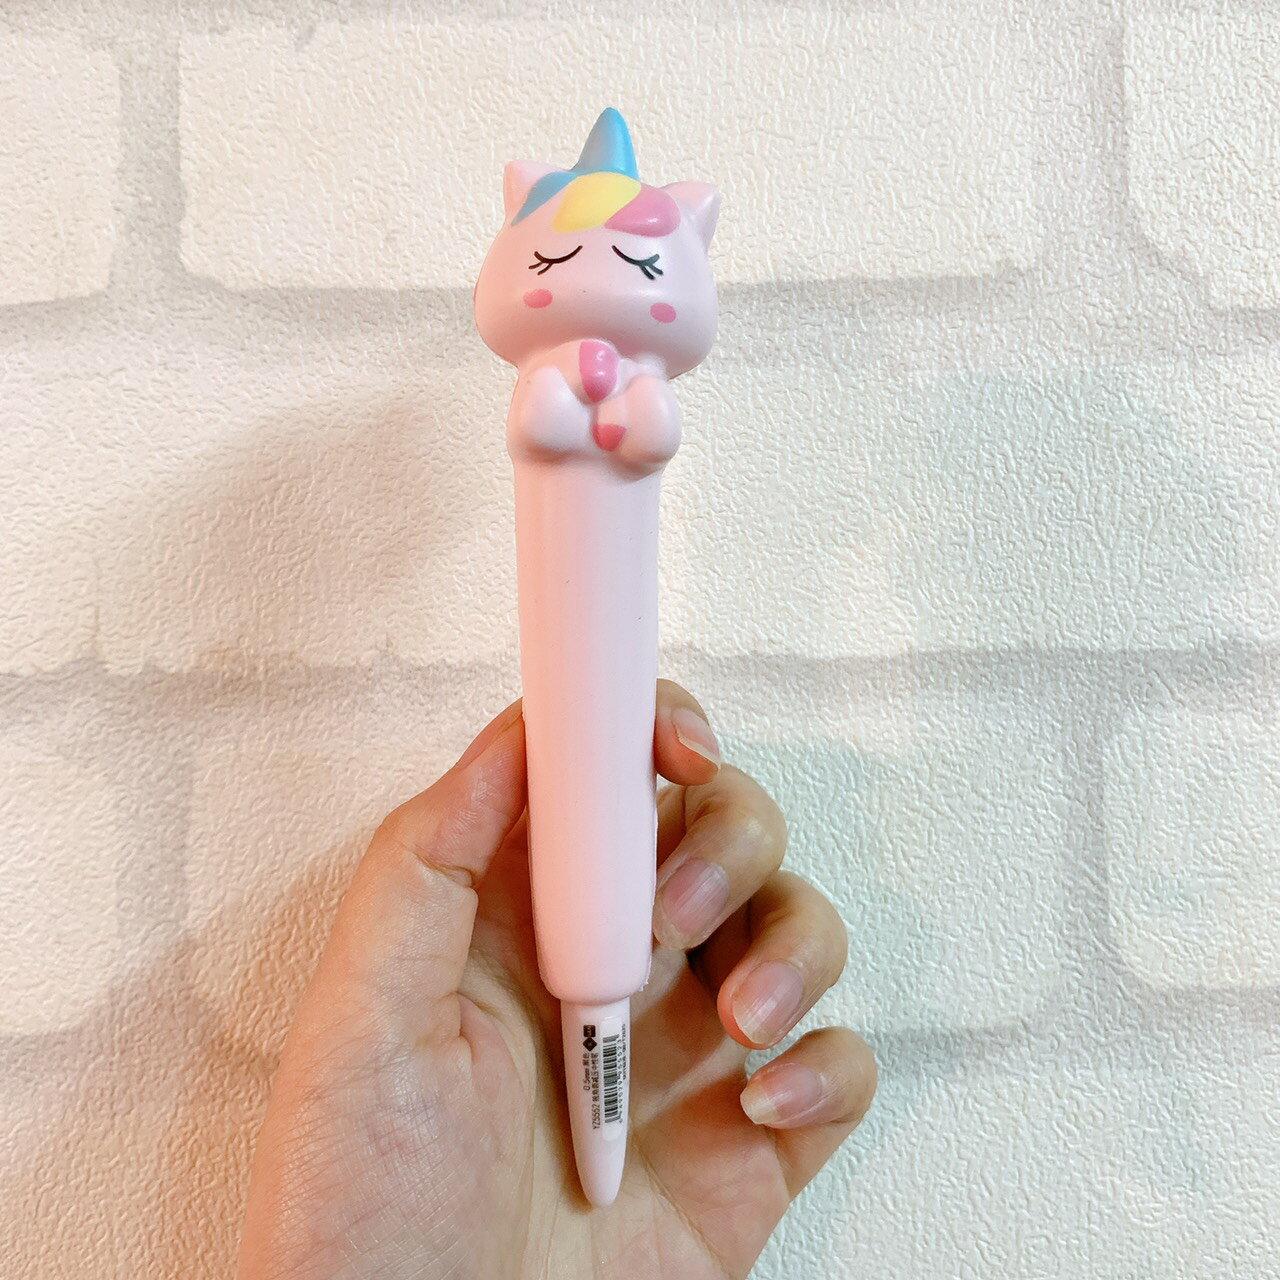 動物造型紓壓筆 超萌減壓筆 療癒小物 好寫筆 中性筆0.5mm 辦公用品 創意文具 交換禮物 現貨 8